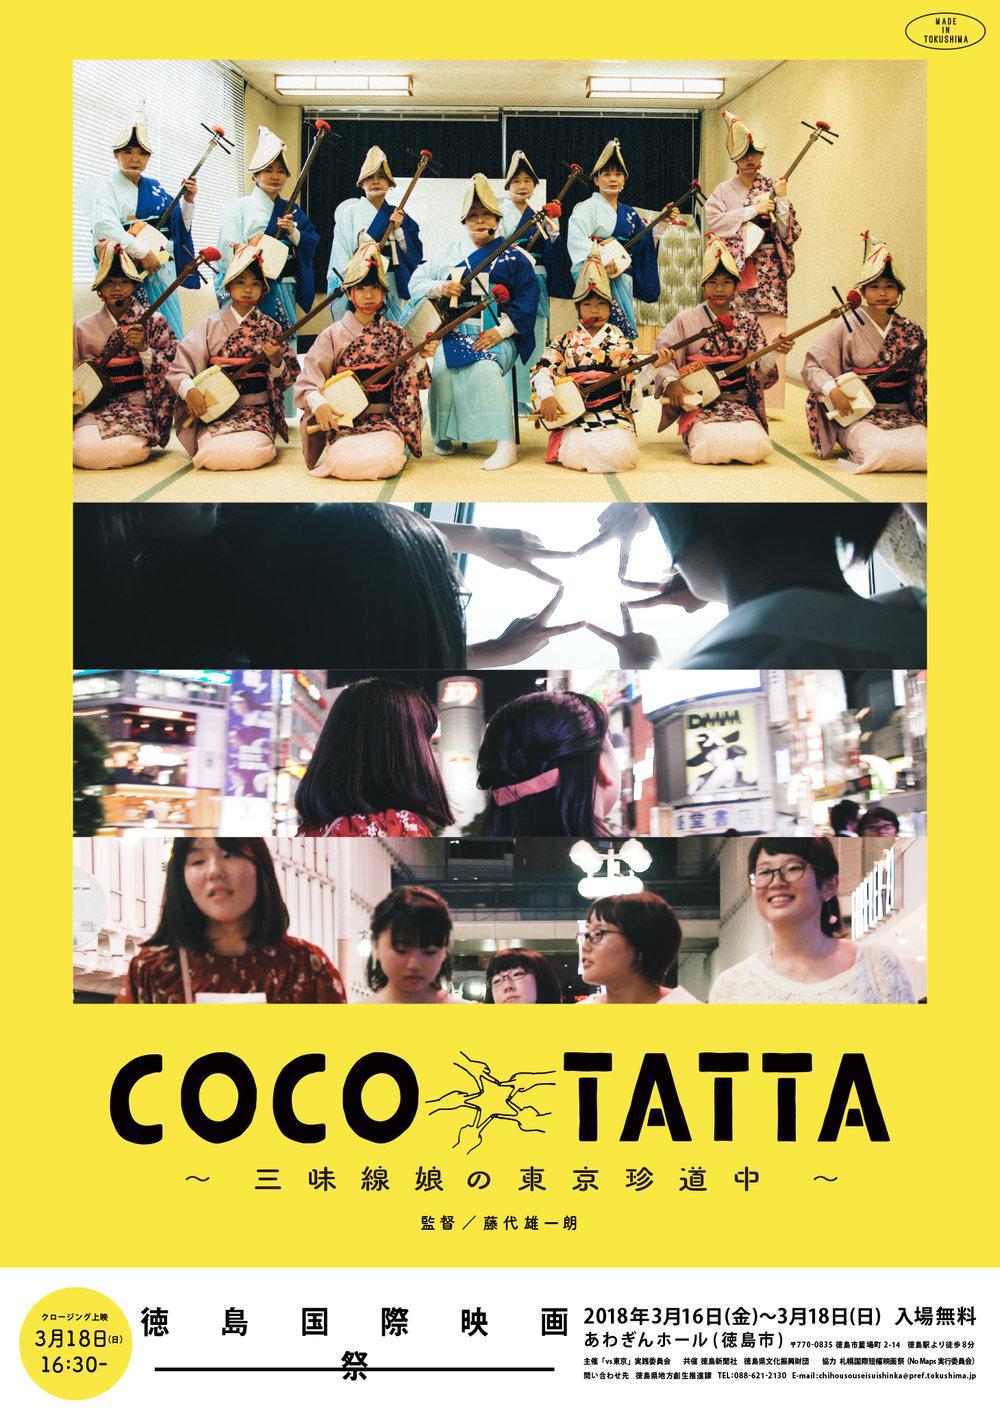 COCO TATTA - 2017年度作品監督・撮影 藤代雄一朗構成 唐津宏治<ドキュメンタリー>徳島県美馬市の中学生・高校生の女の子たちが、勉強に部活動に三味線もちつきの演奏に頑張る毎日を取材したドキュメンタリー。「徳島は好きだけど外に出たい」彼女たち。地元の三味線教室で繋がった彼女たちが繰り広げる東京珍道中の先には何があったのか? 監督の藤代雄一朗とともに走って歌って駆け抜けた夏の日々。